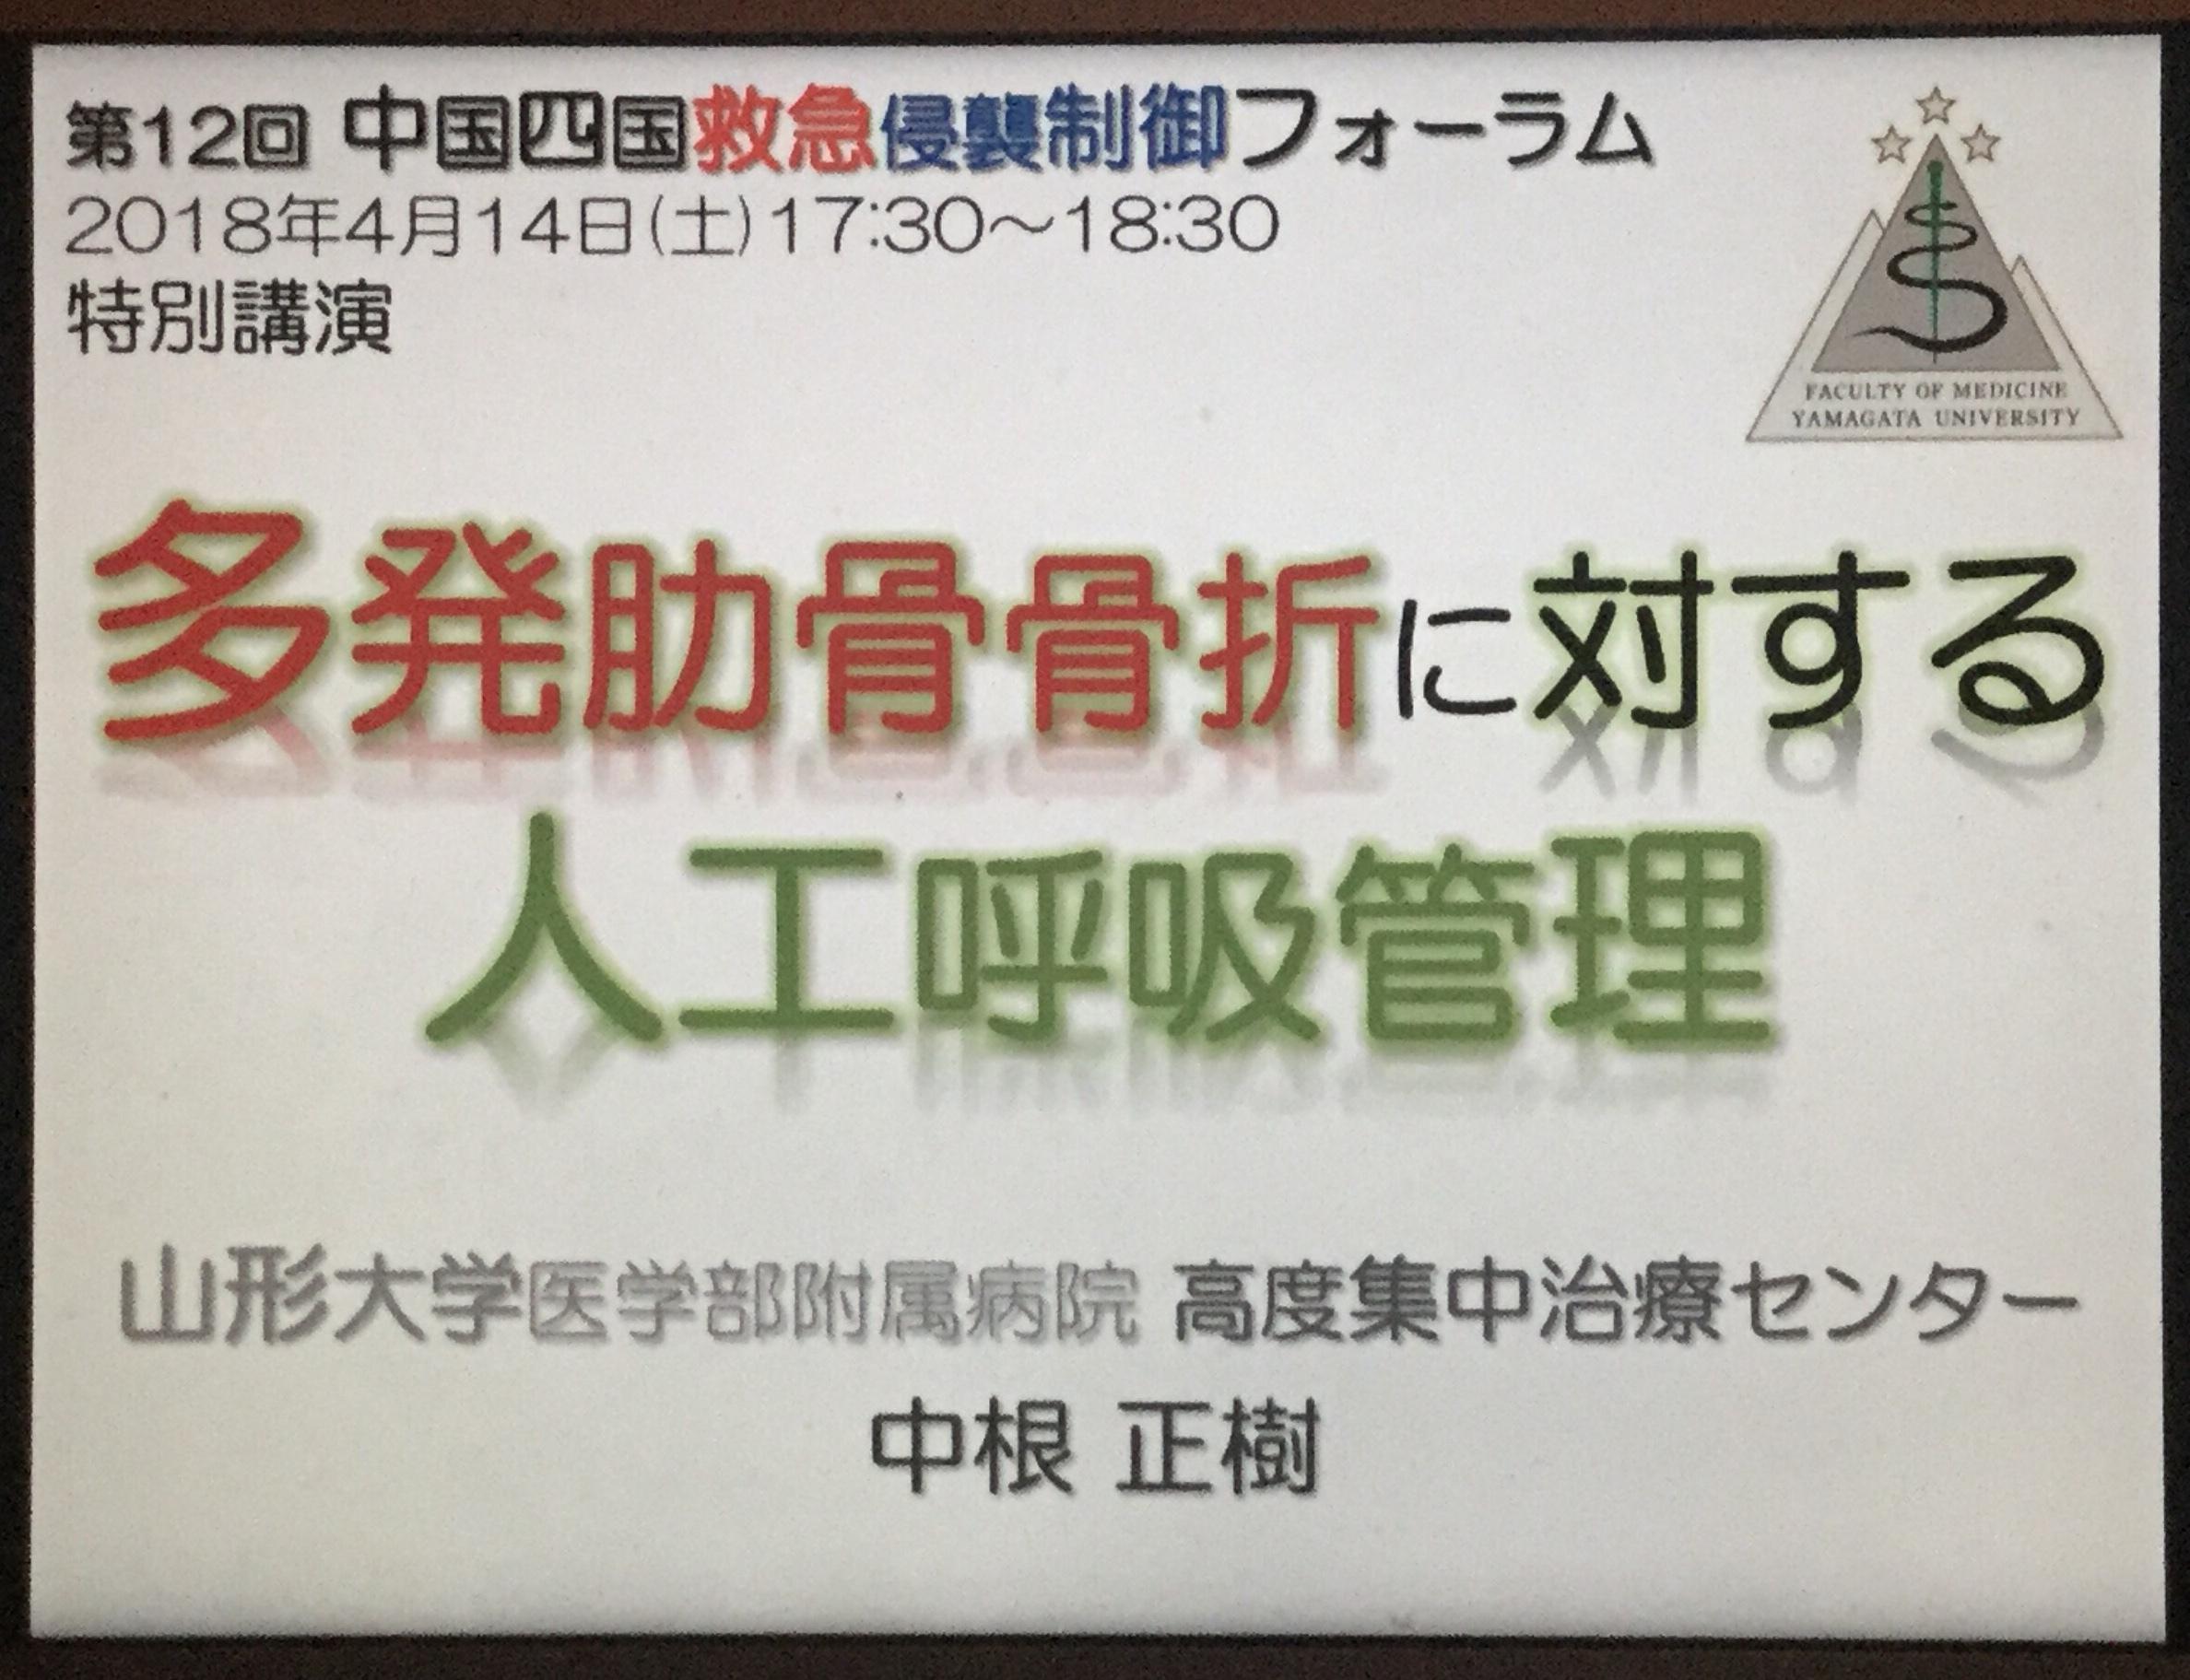 岡山侵襲制御フォーラム特別講演